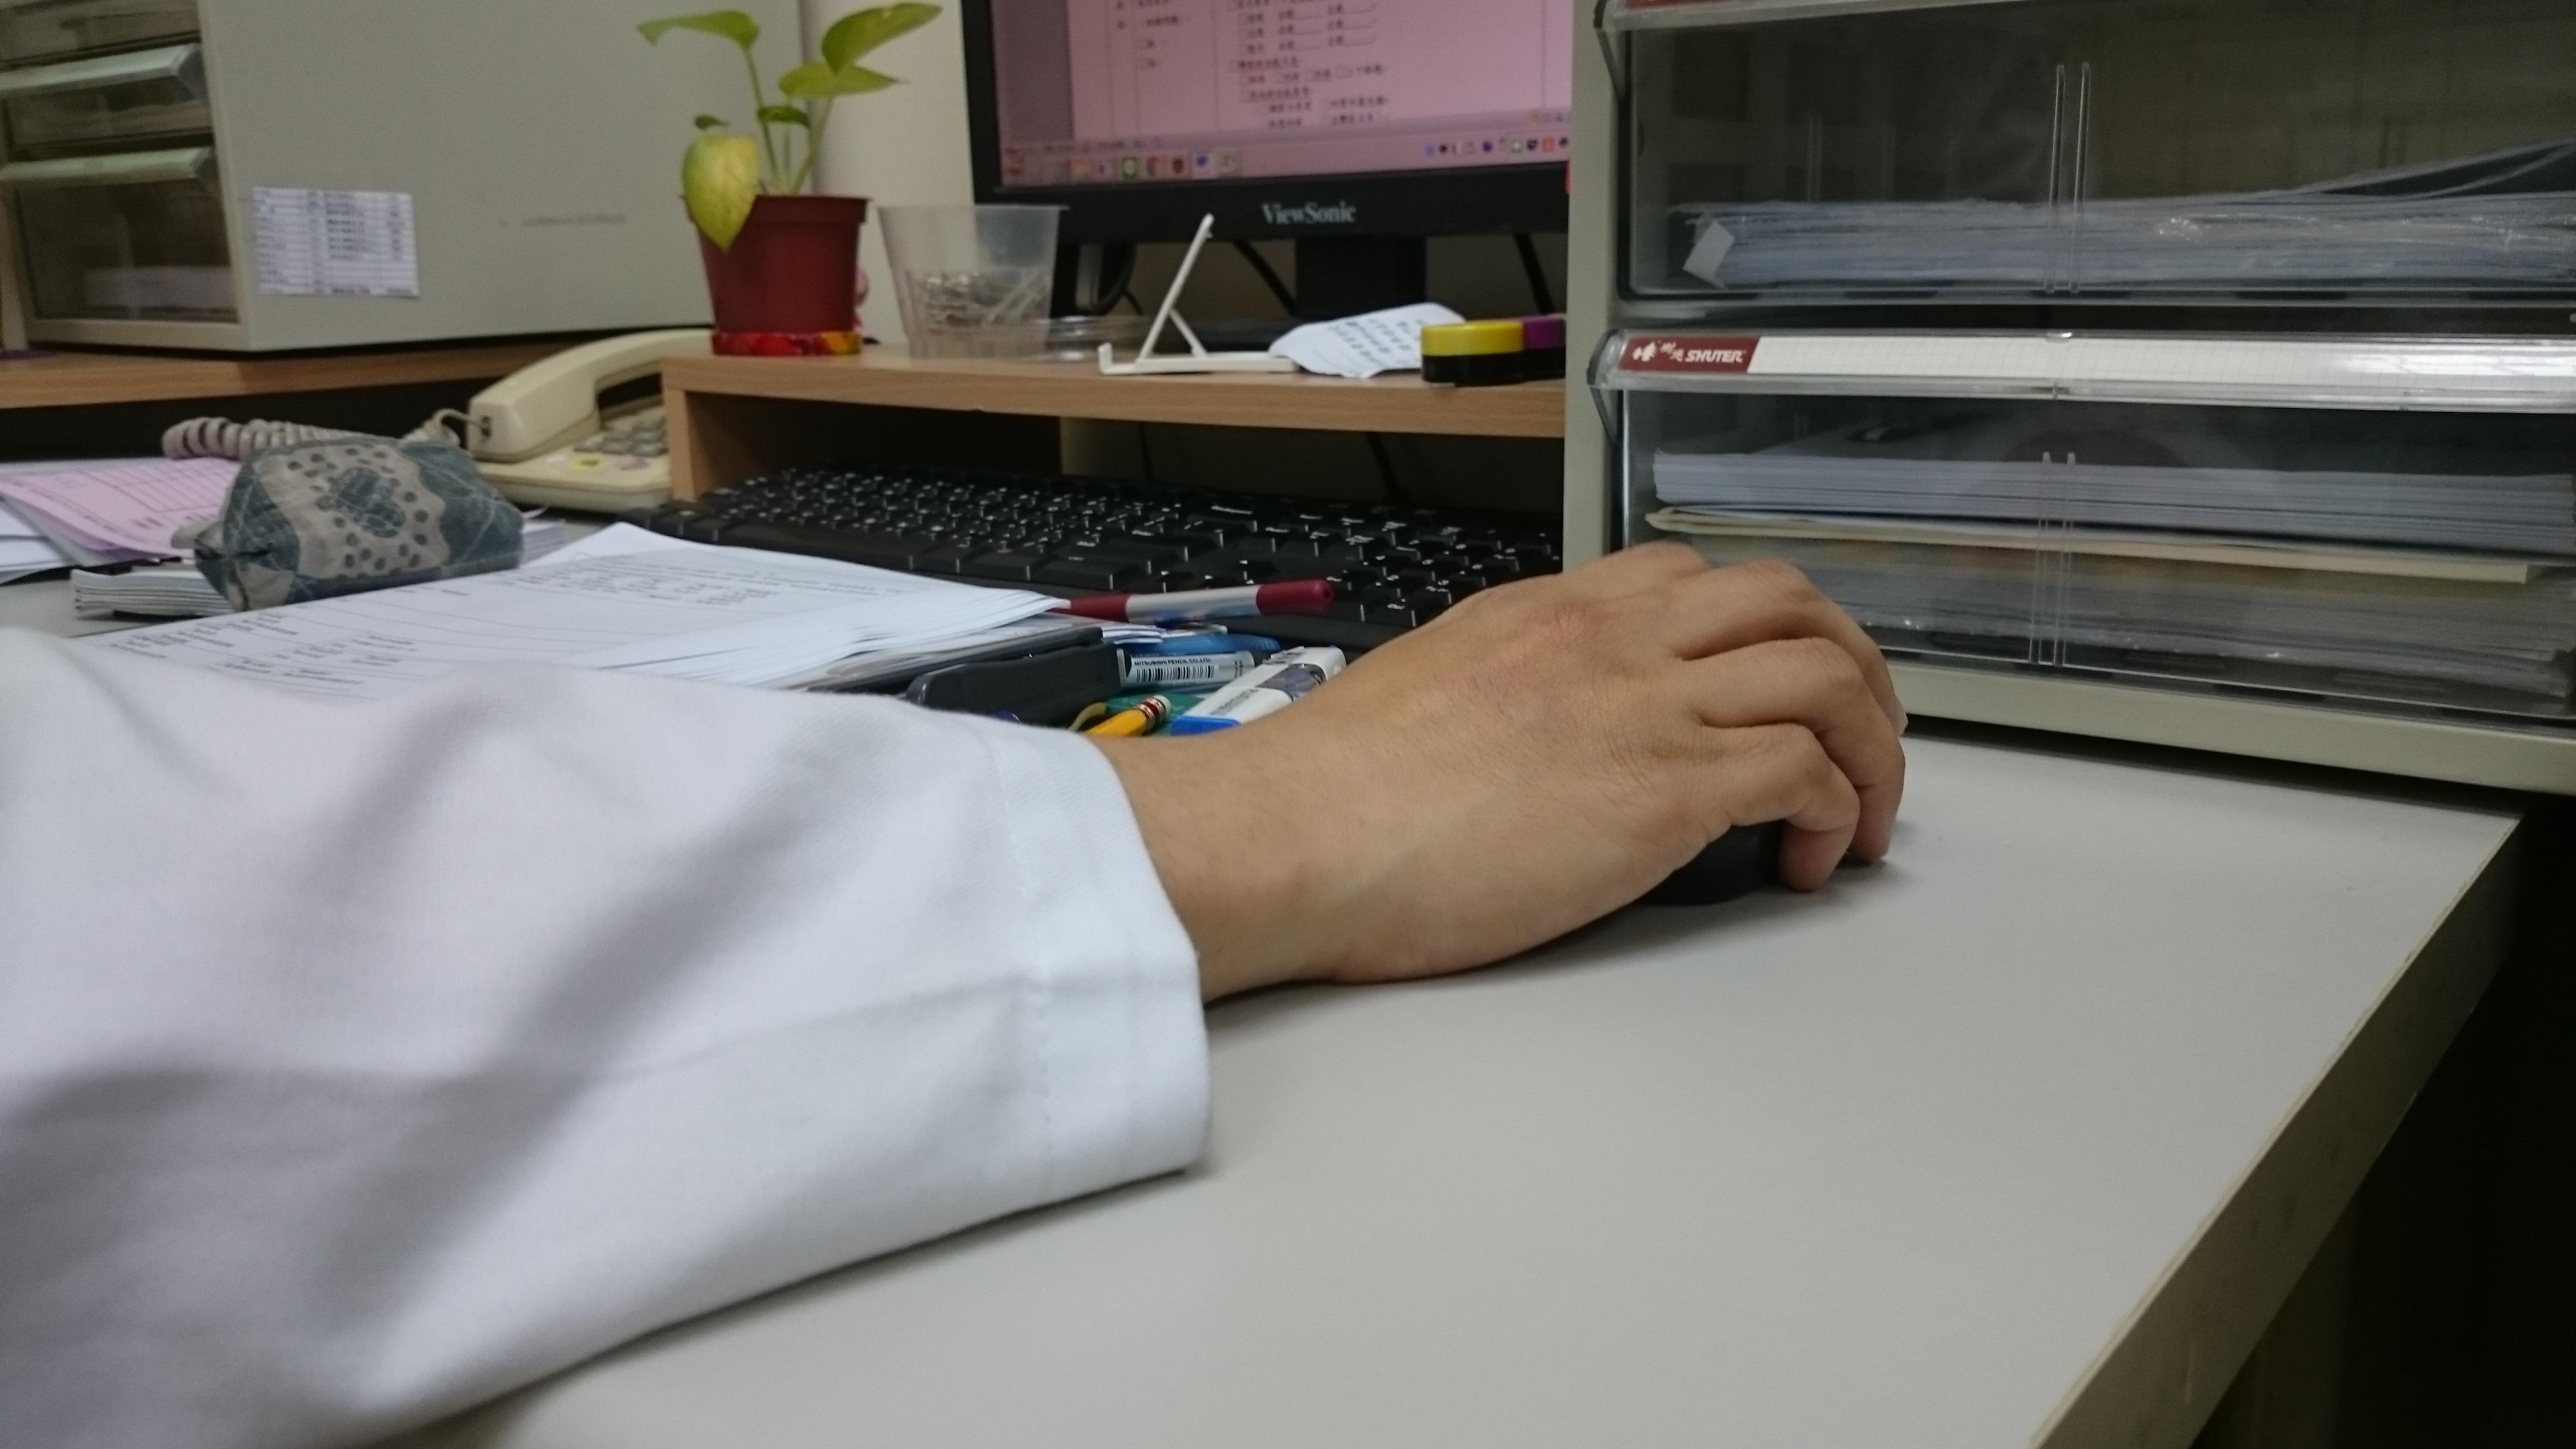 無線滑鼠使手腕能活動空間增加(攝影/廖翊軒)